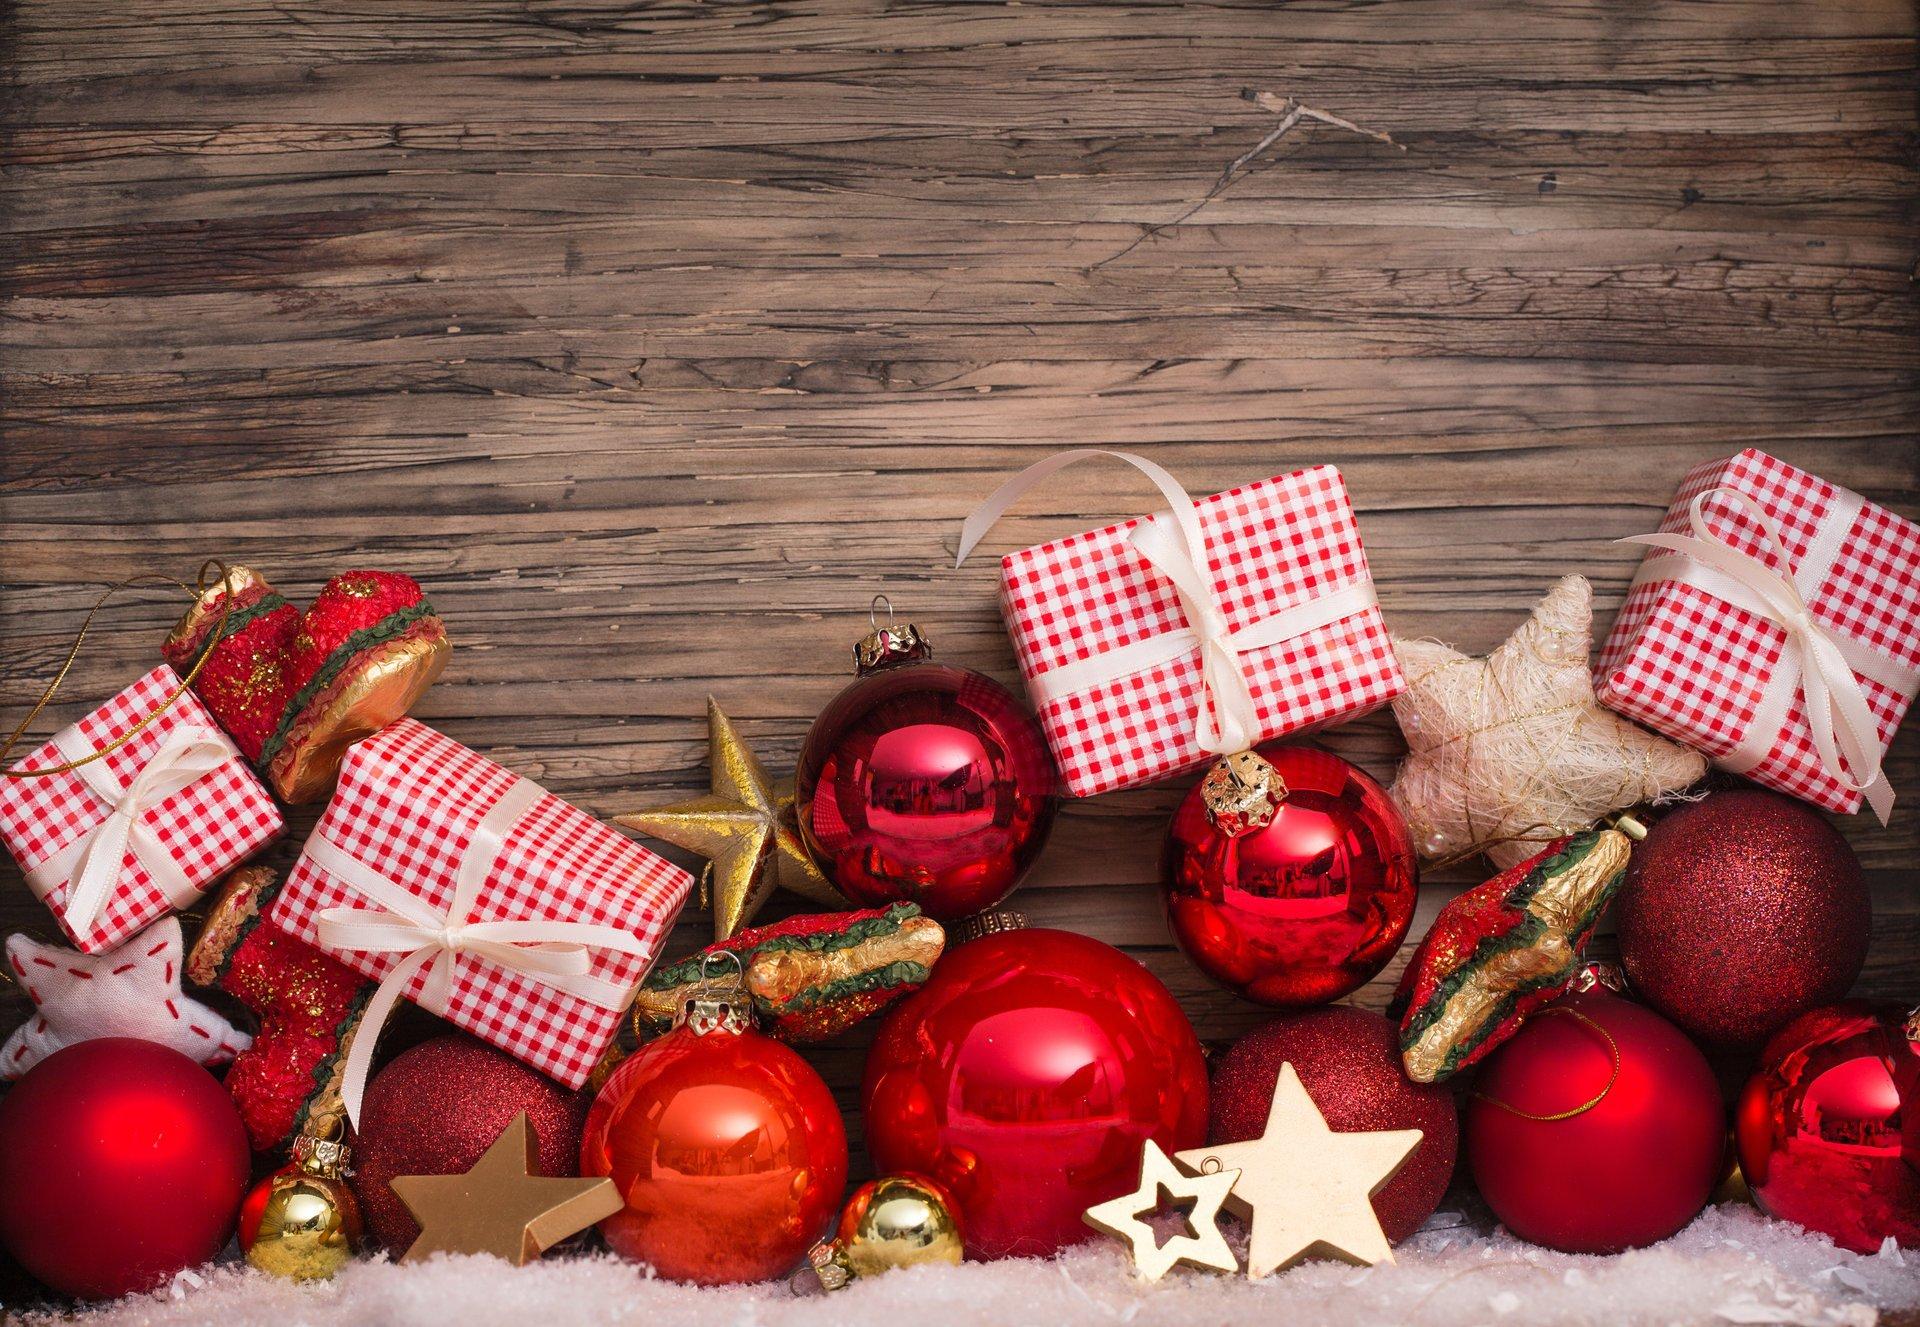 картинки с рождественской тематикой комплекс